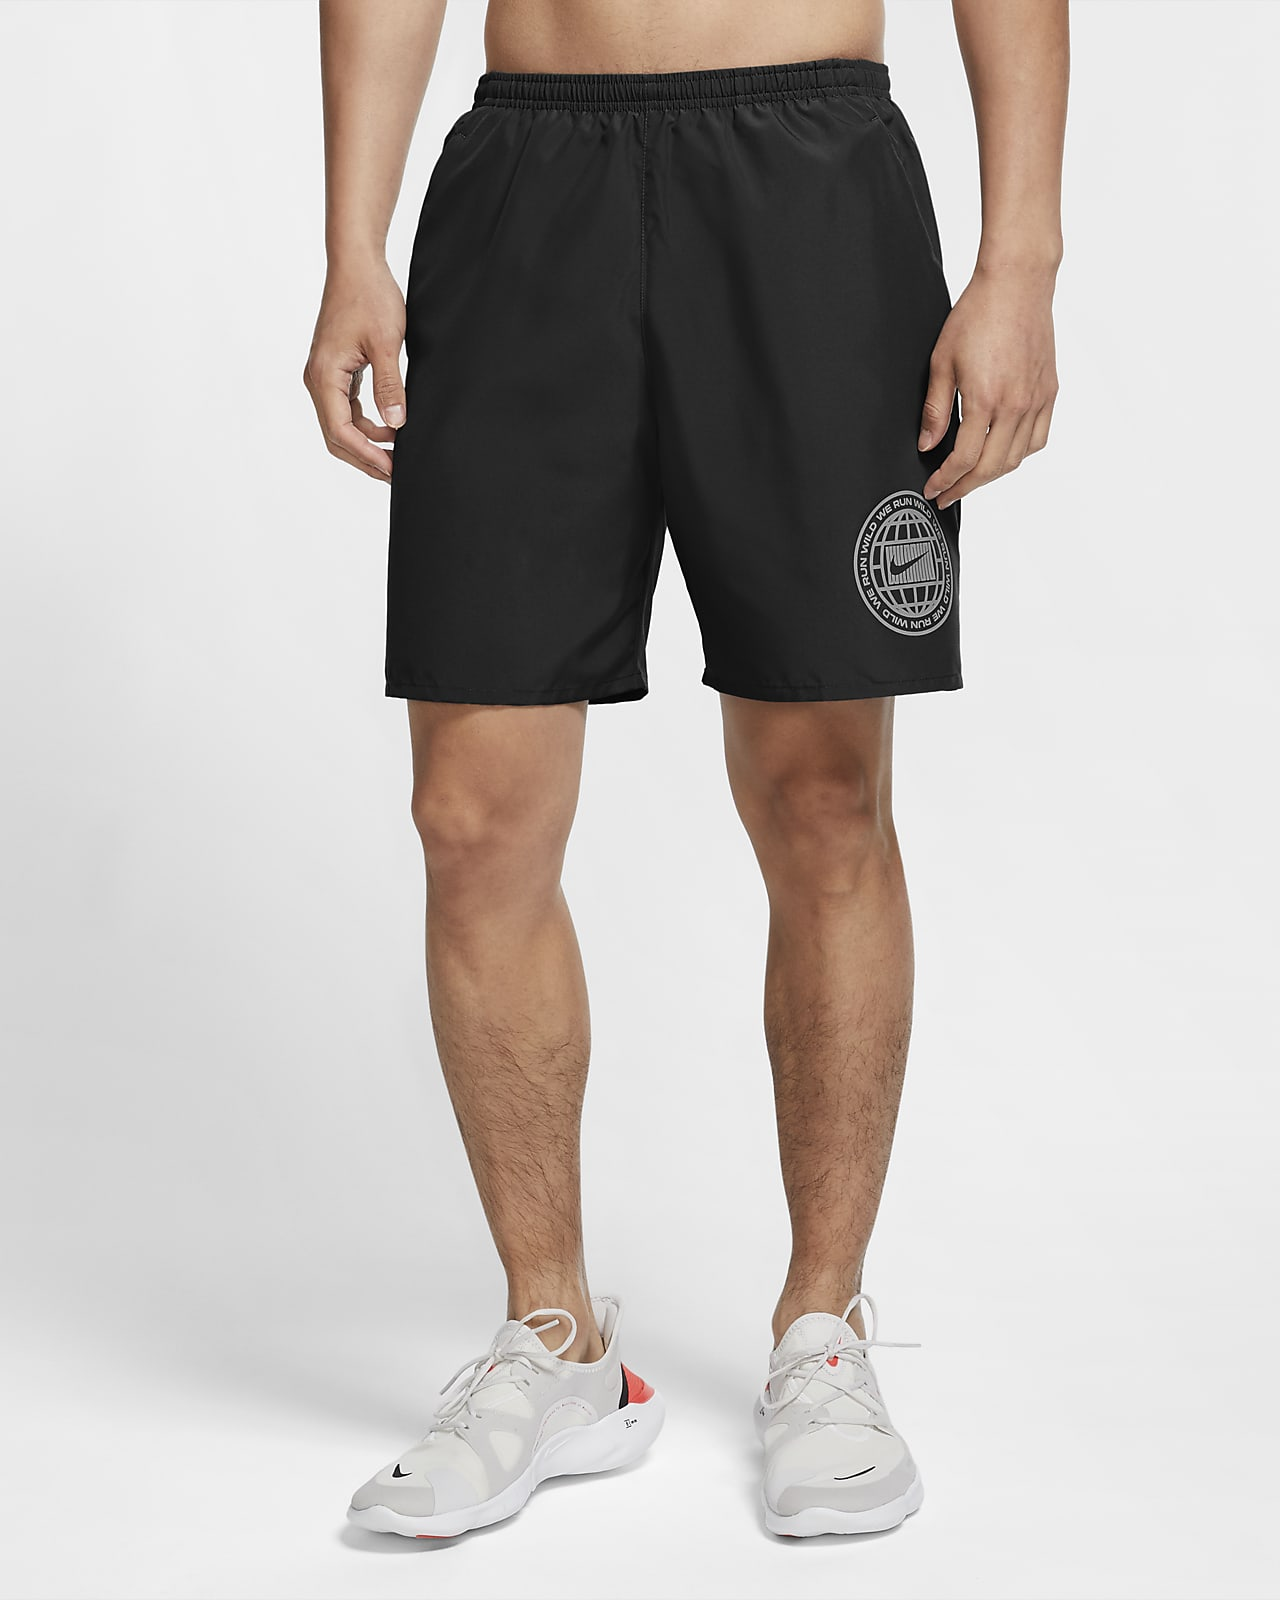 กางเกงวิ่งขาสั้นผู้ชายมีกราฟิก Nike Dri-FIT Wild Run